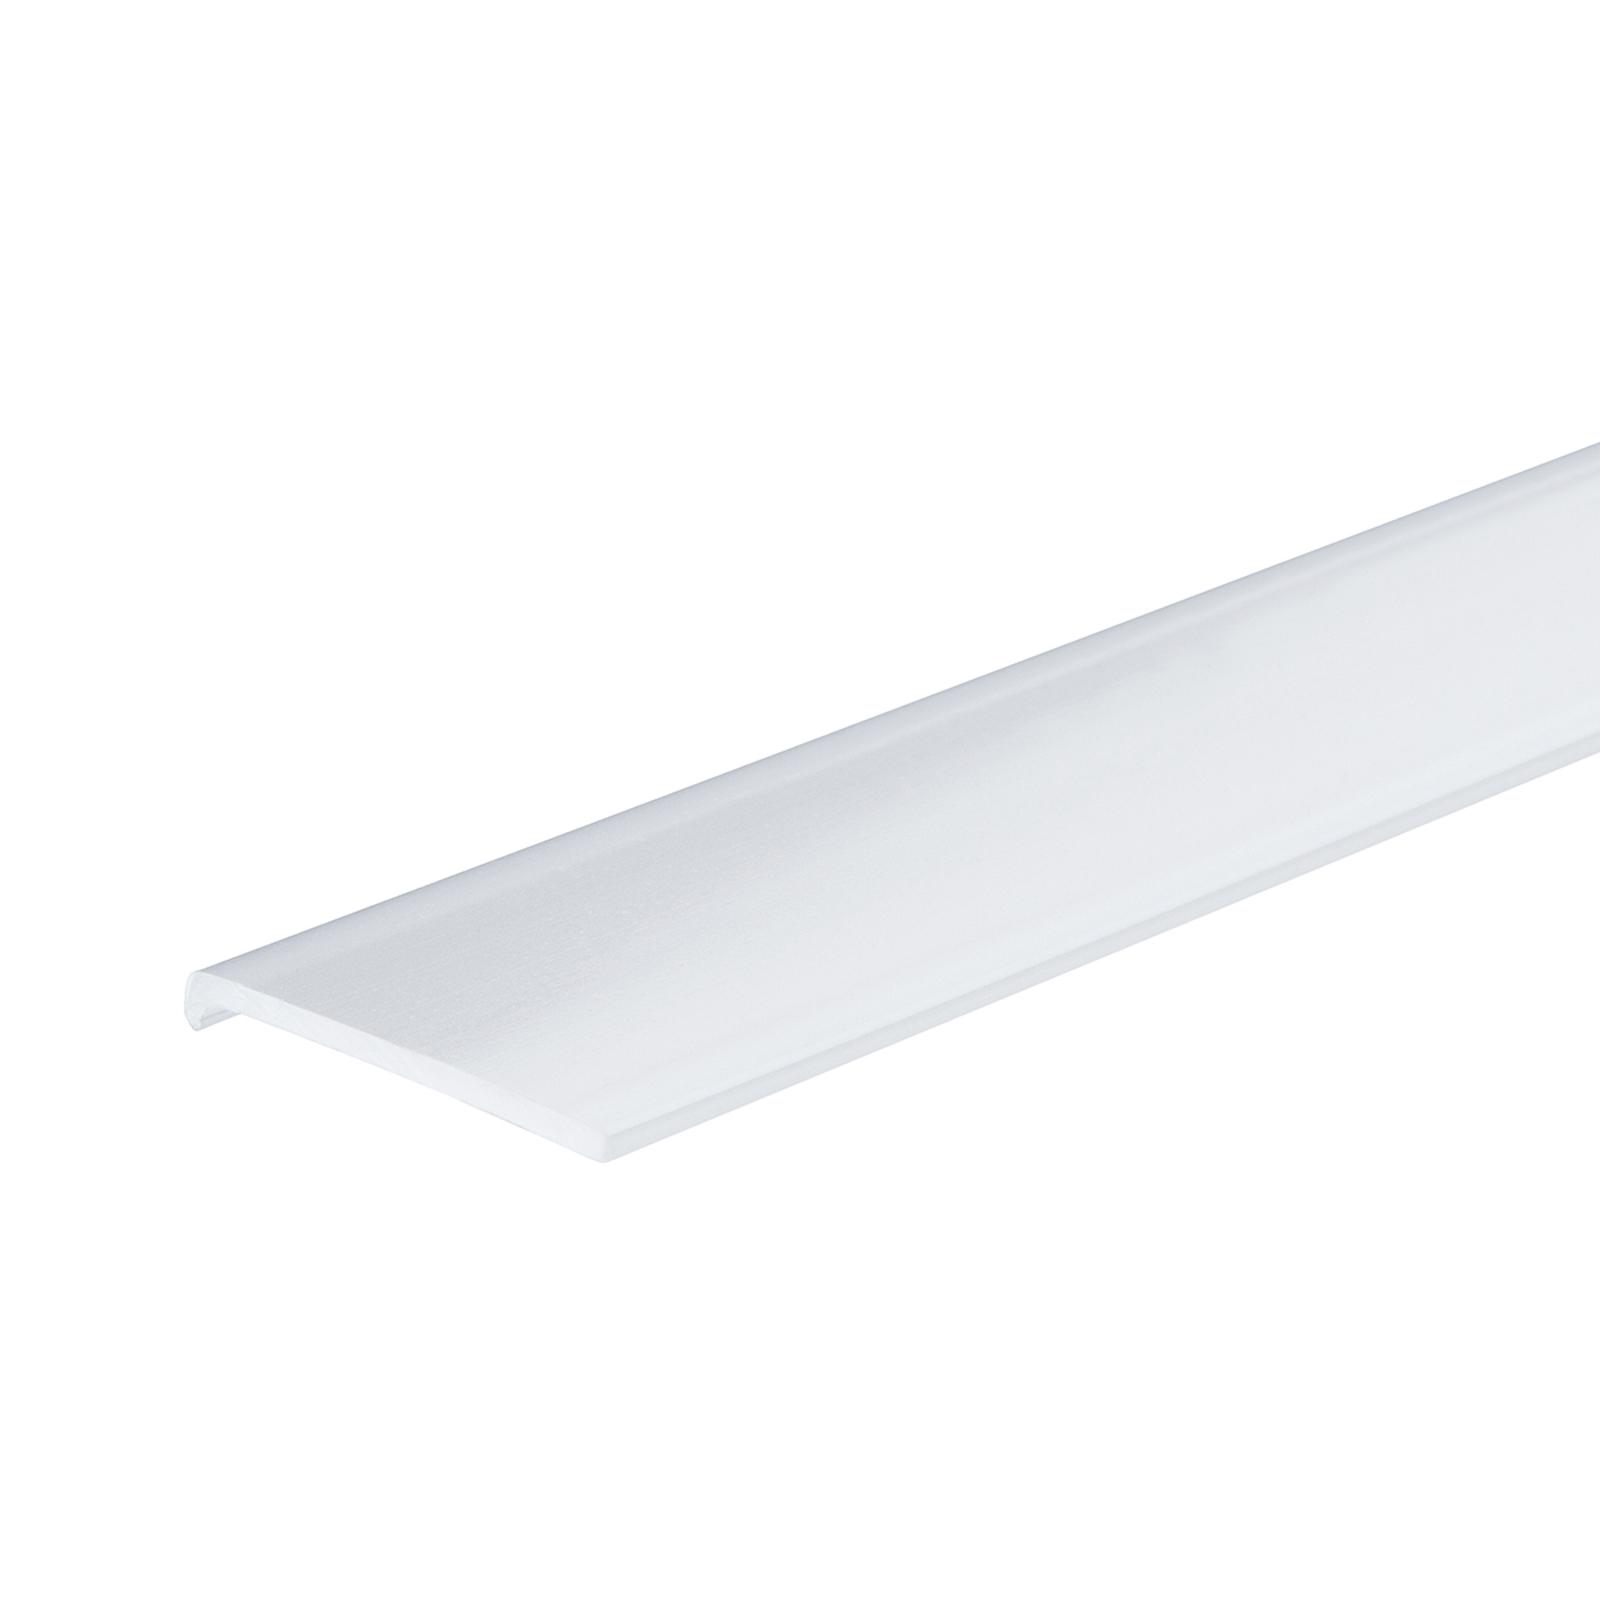 Diffuseur Duo Profil 2m pour bandeau à LED